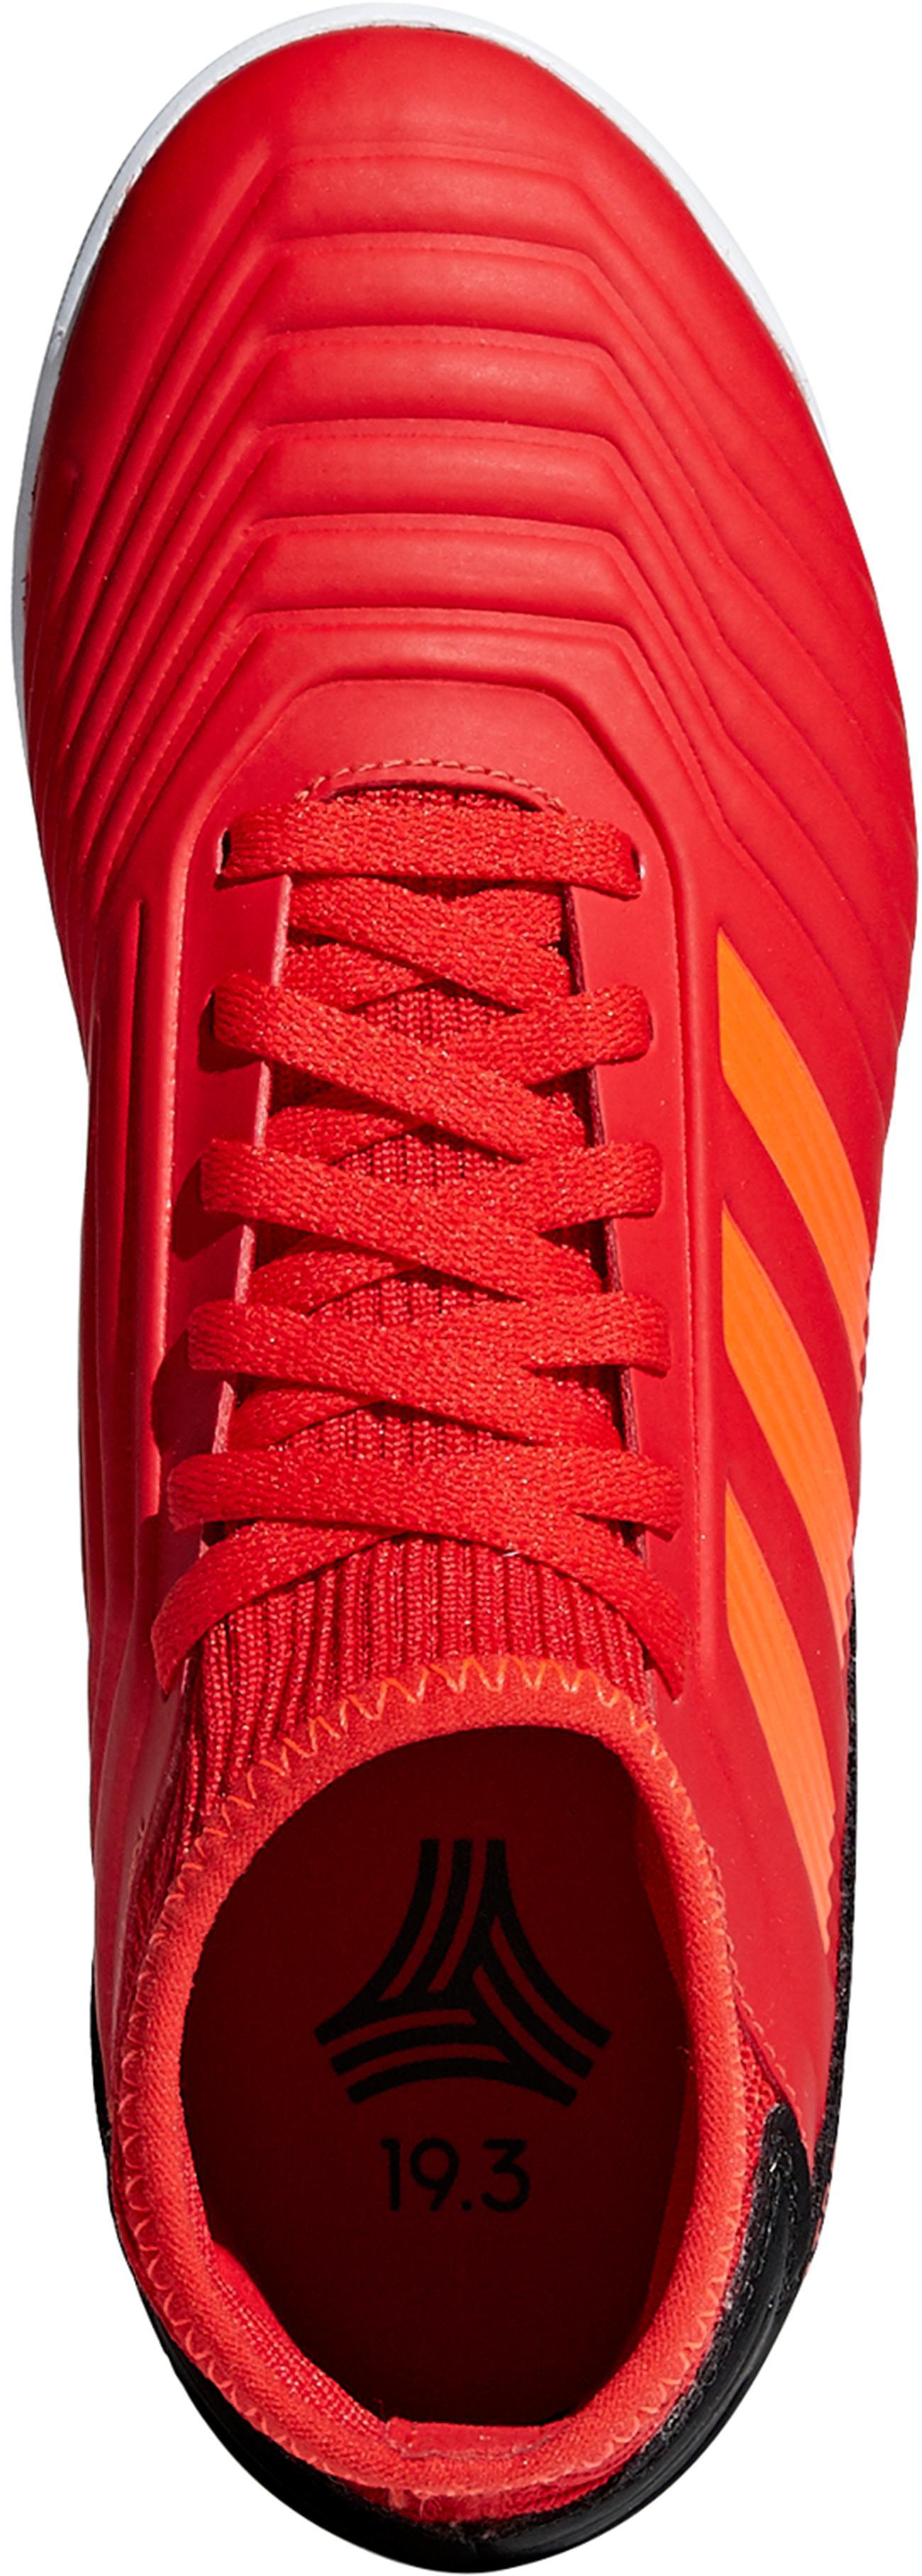 adidas PREDATOR 19.3 IN J Fußballschuhe Kinder active red im Online Shop von SportScheck kaufen